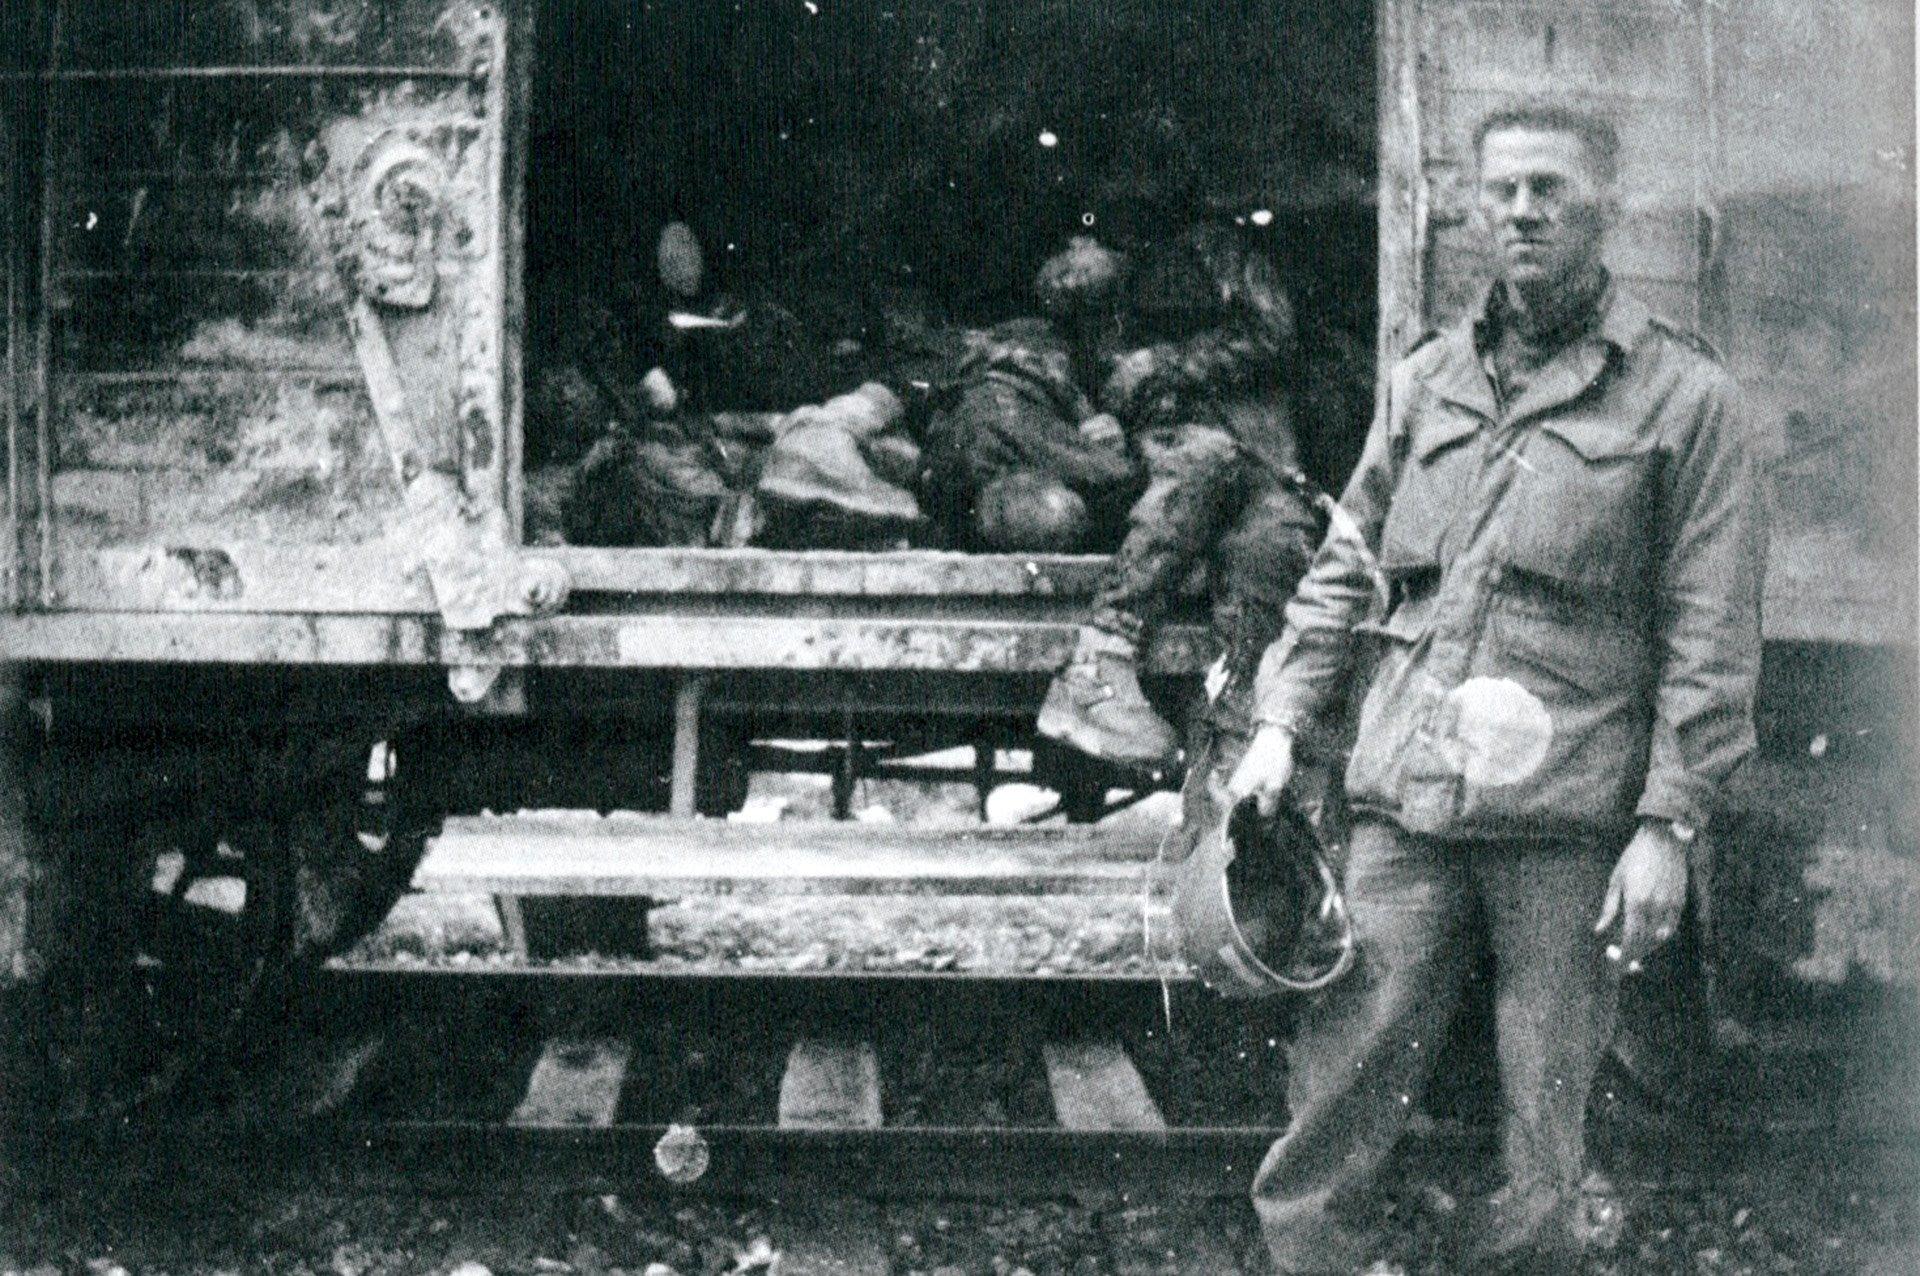 Soldado estadounidense ante un tren cargado de reclusos muertos , poco después de la liberación de Dachau. Habían salido de Buchenwald unas tres semanas antes.